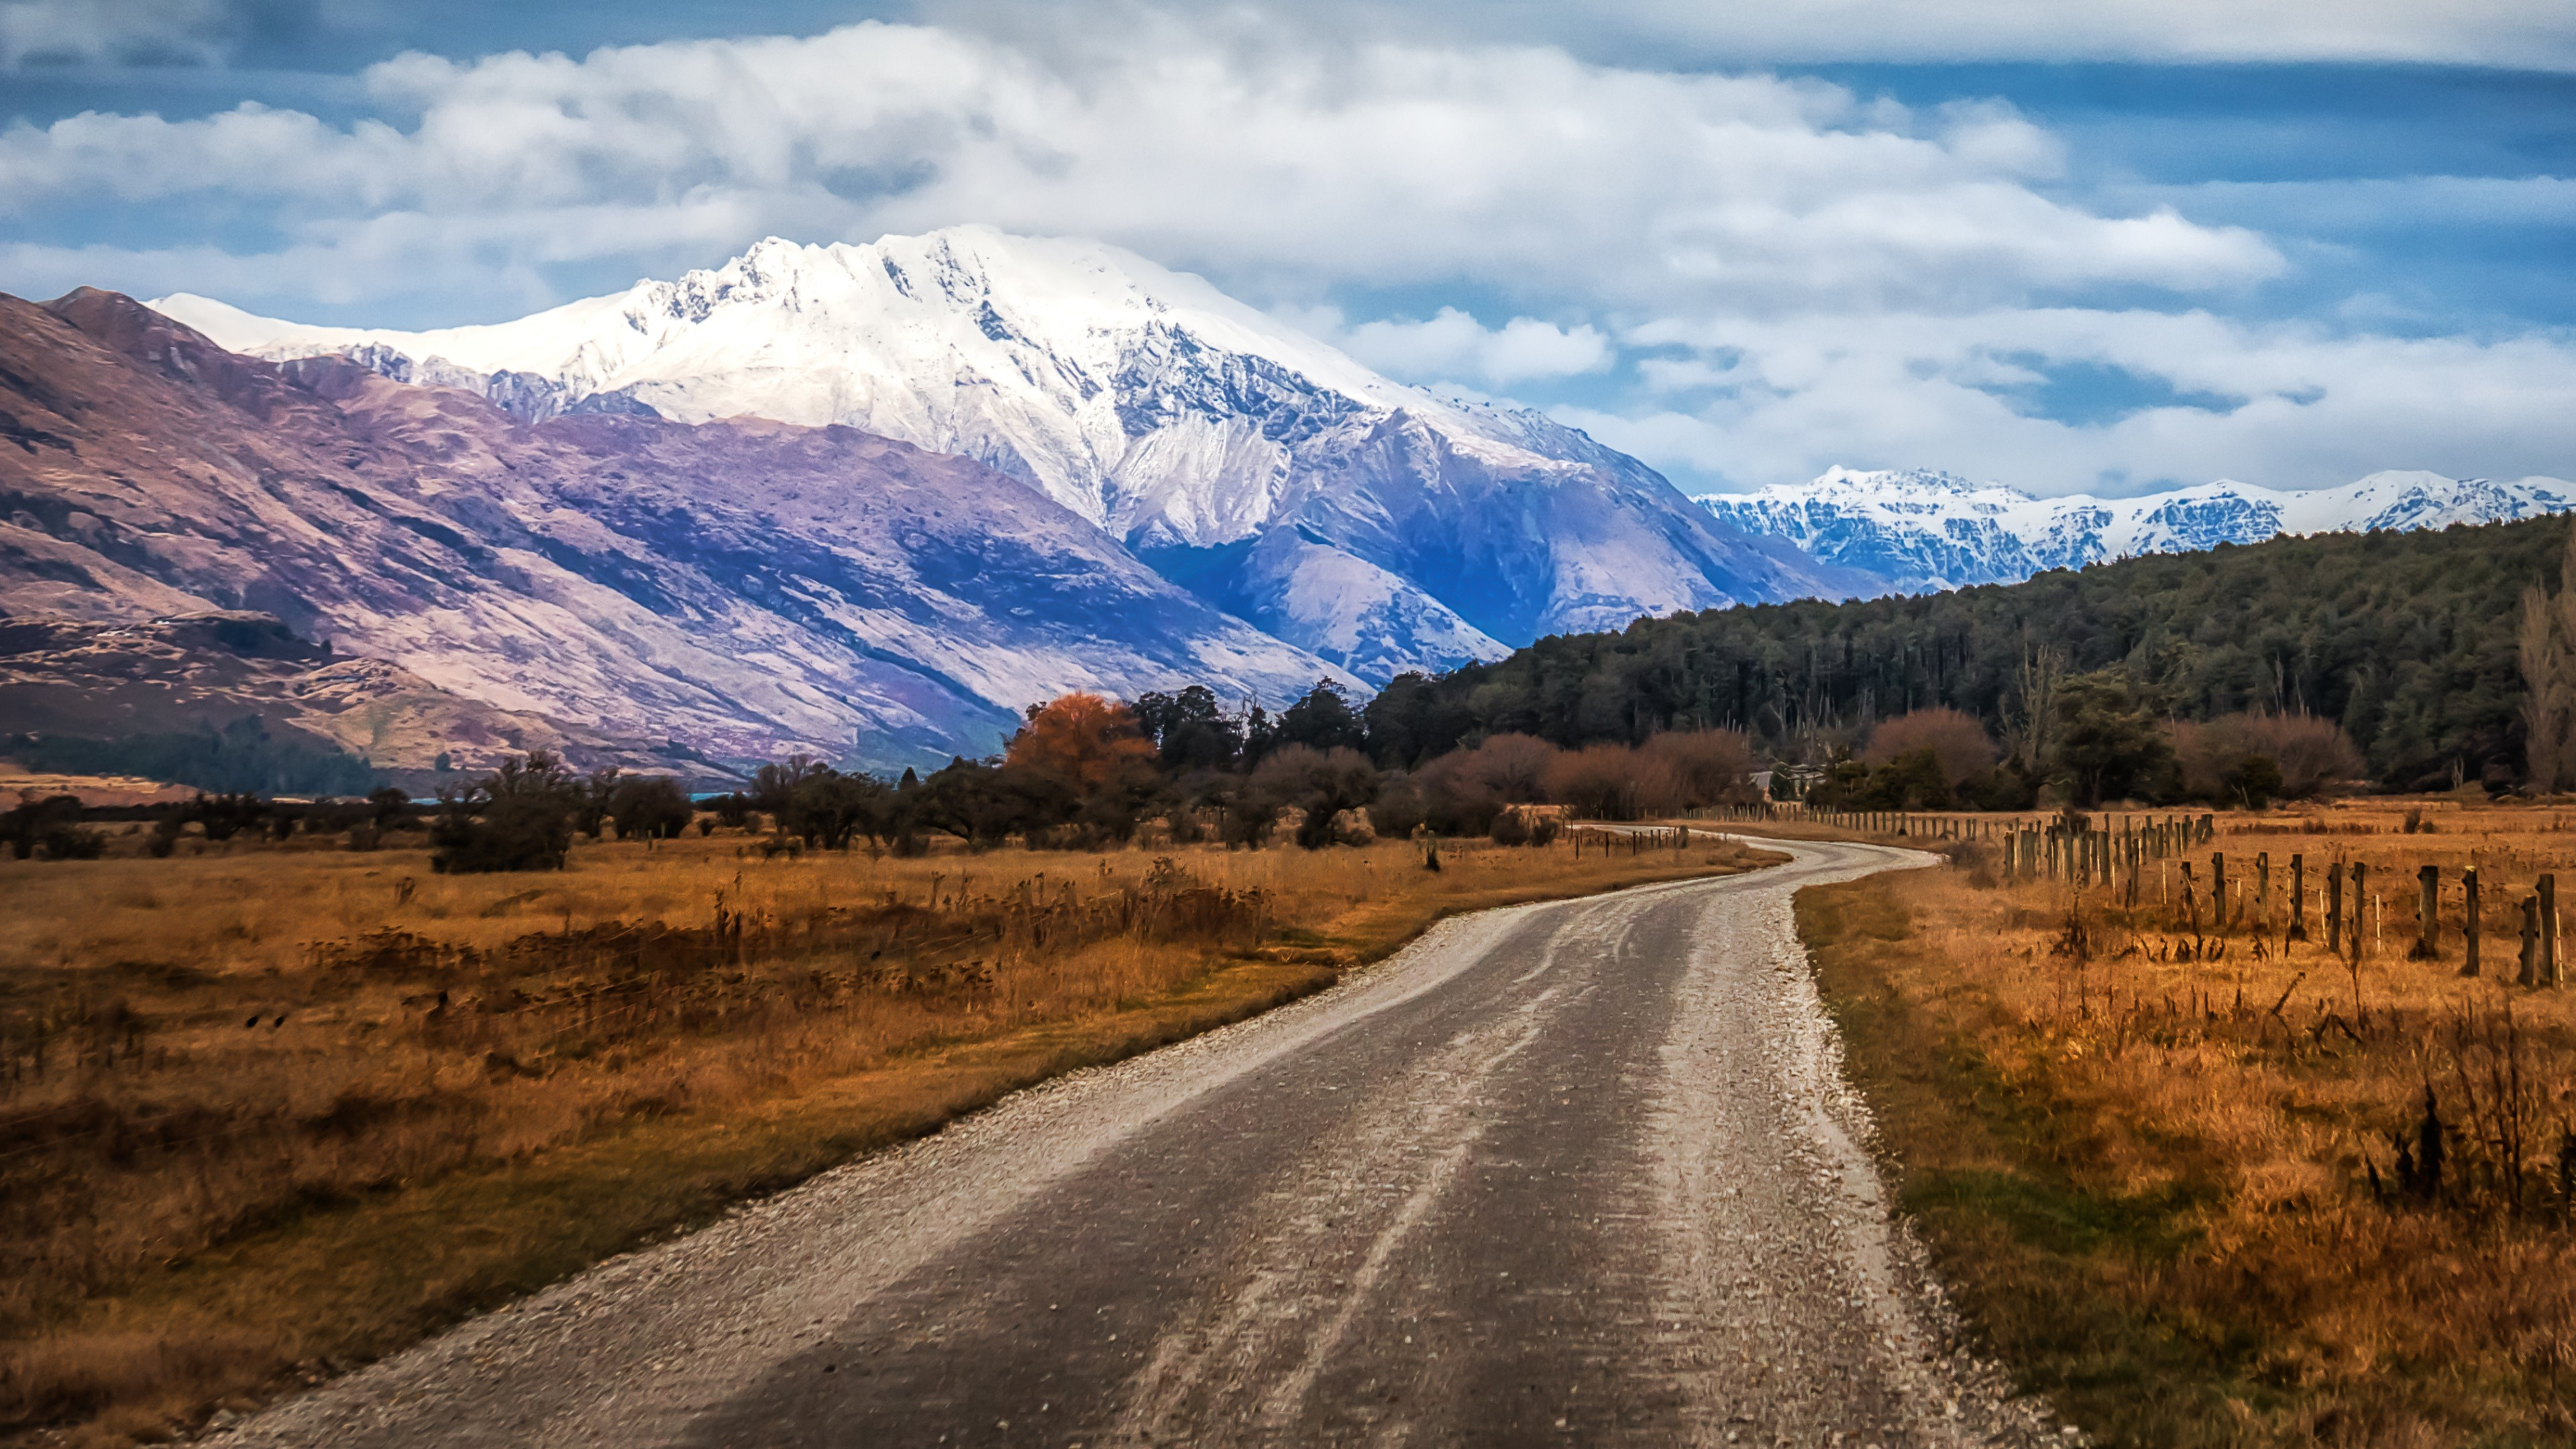 Glenorchy Mountain In New Zealand Wallpaper 4k Ultra Hd Id2450